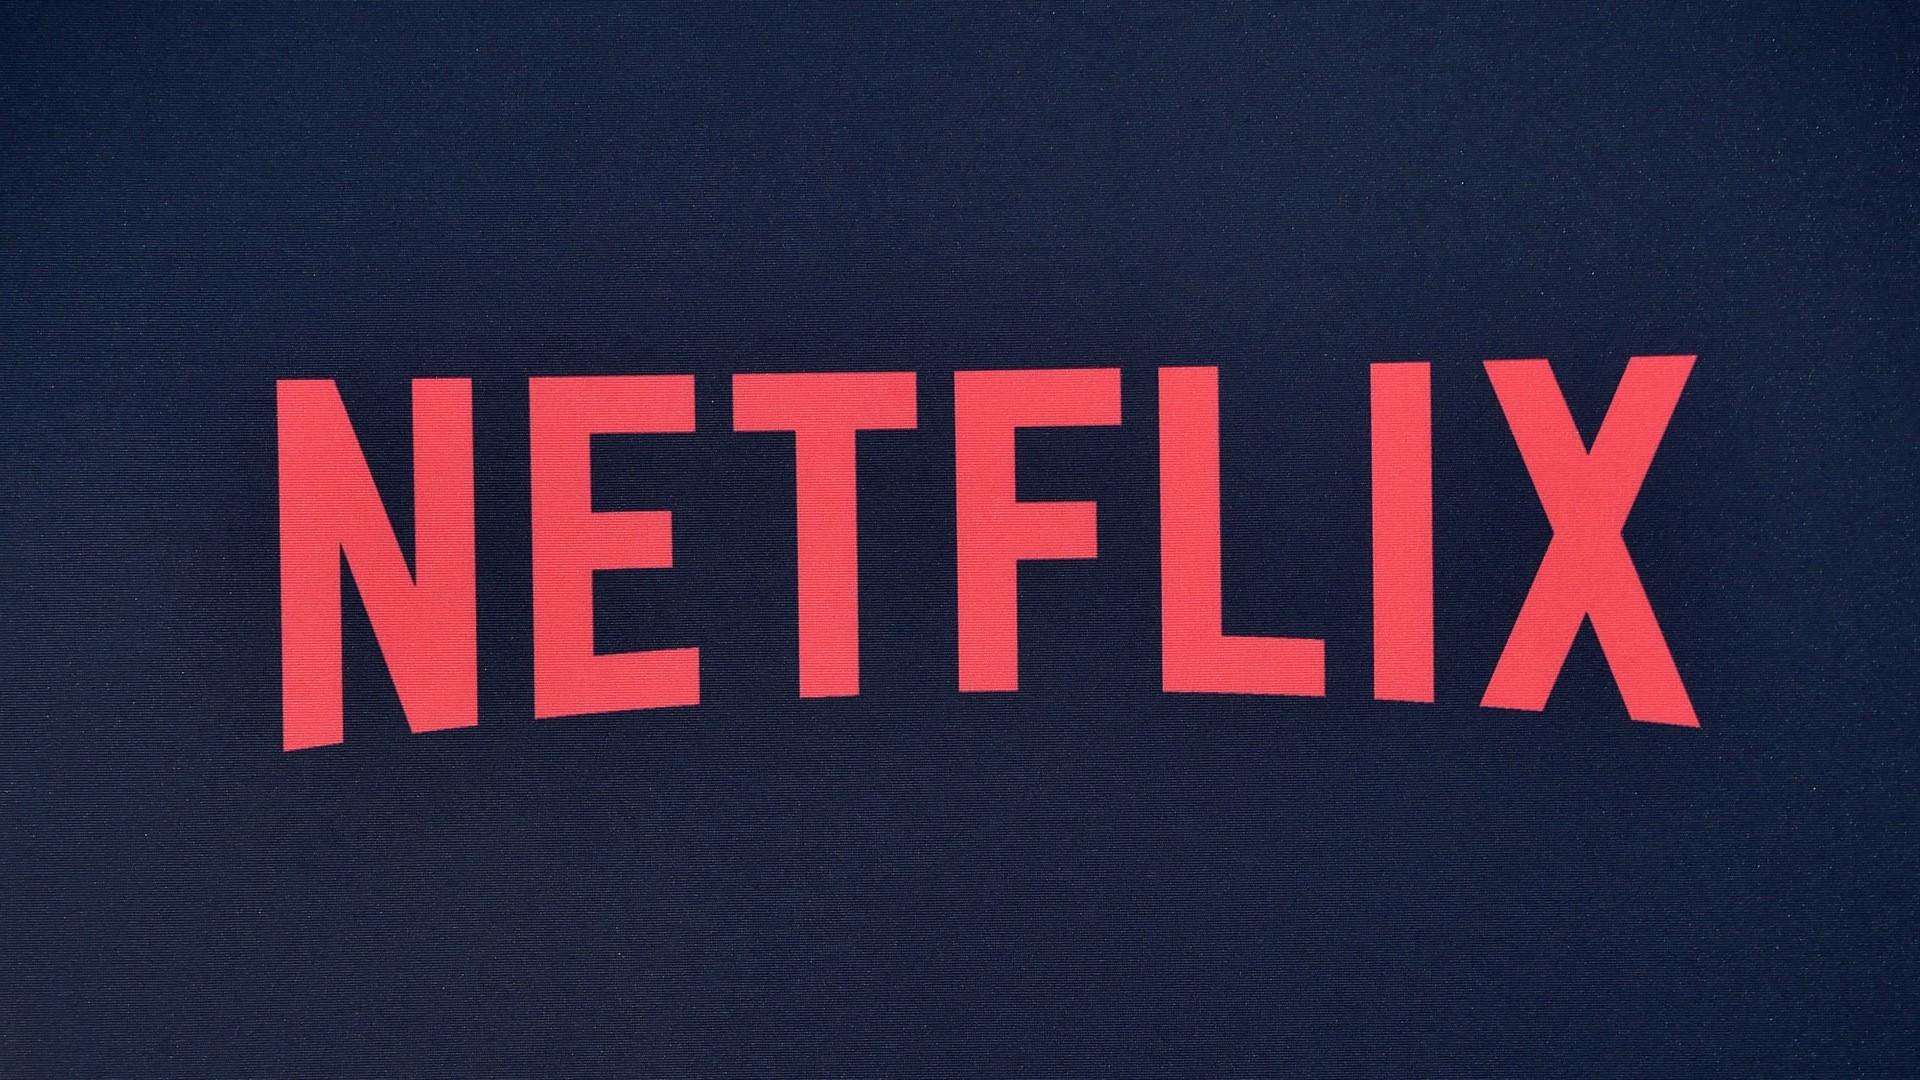 #NetflixYargılansın